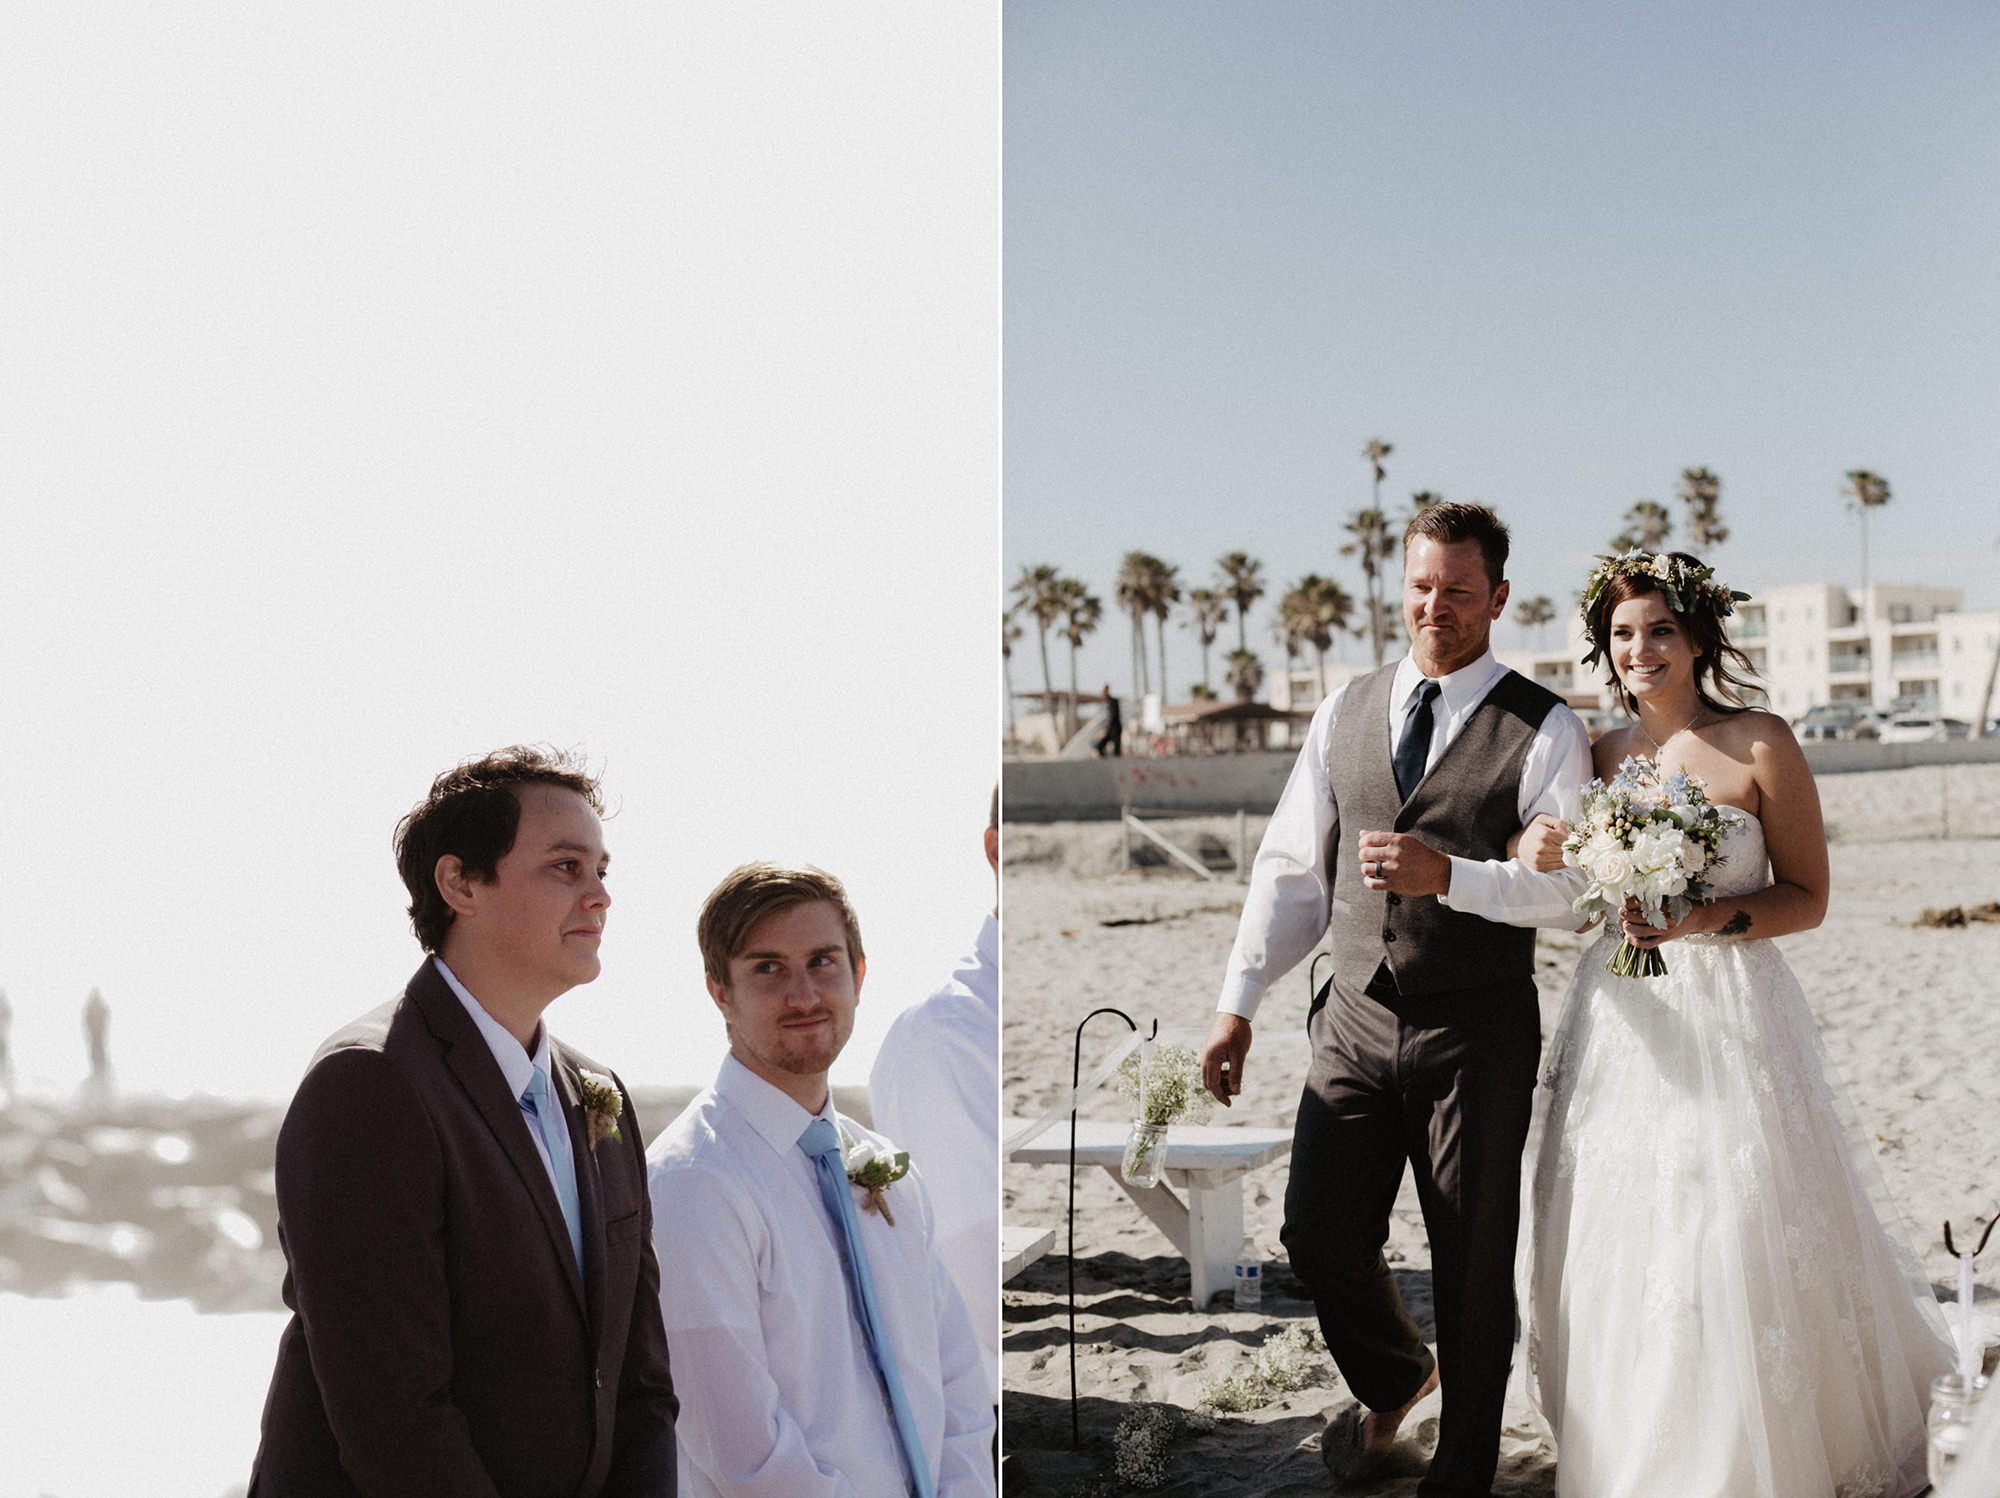 oceanside_airbnb_wedding-23.jpg